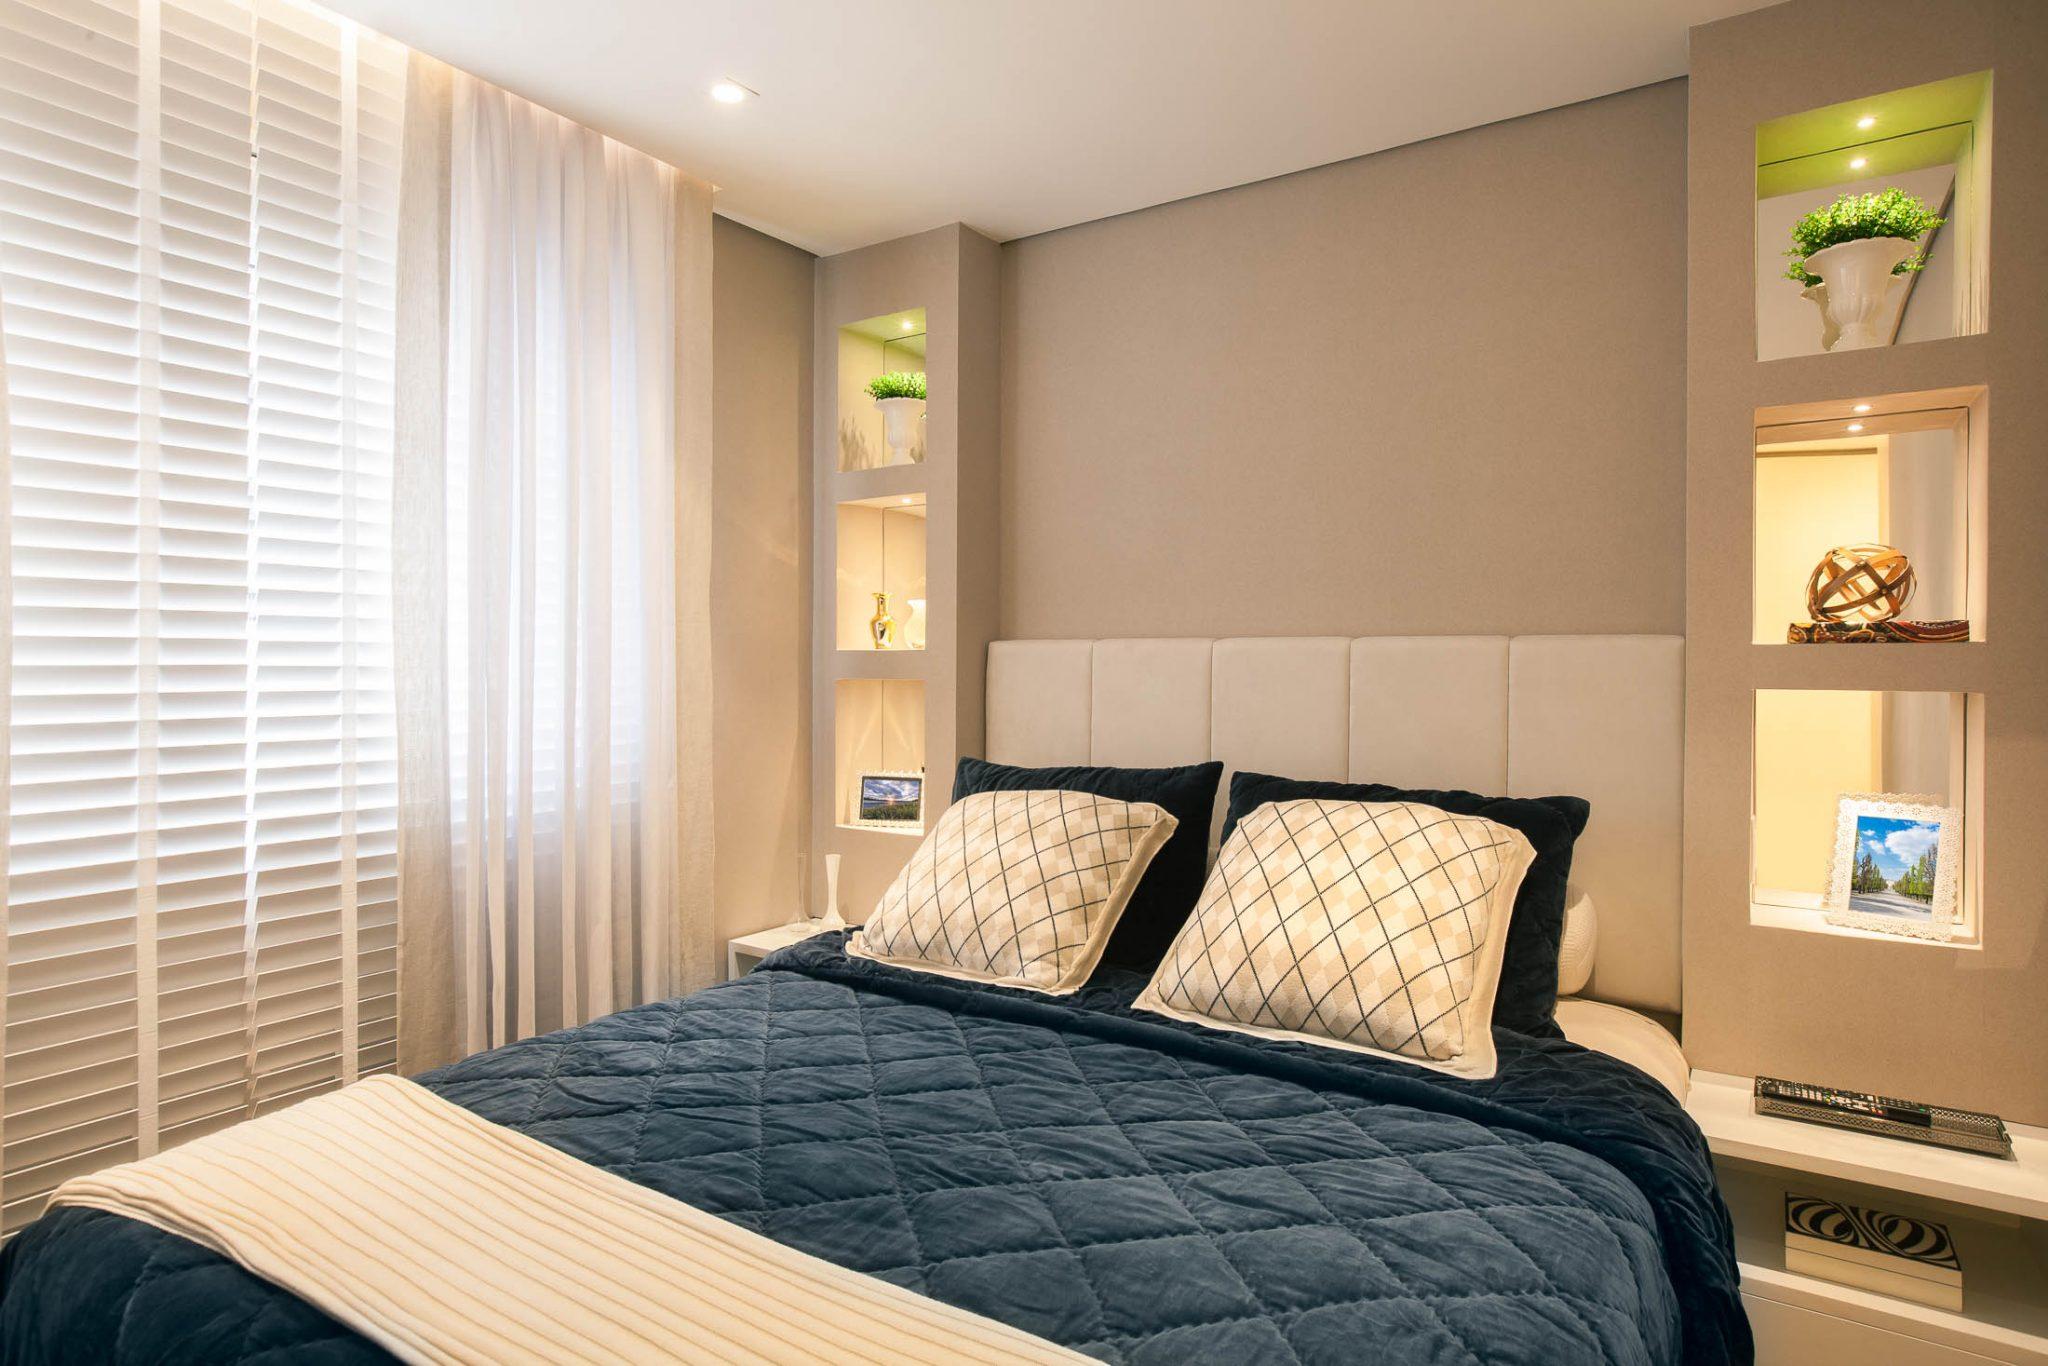 decoração apartamento com sala e varanda integradas (1)